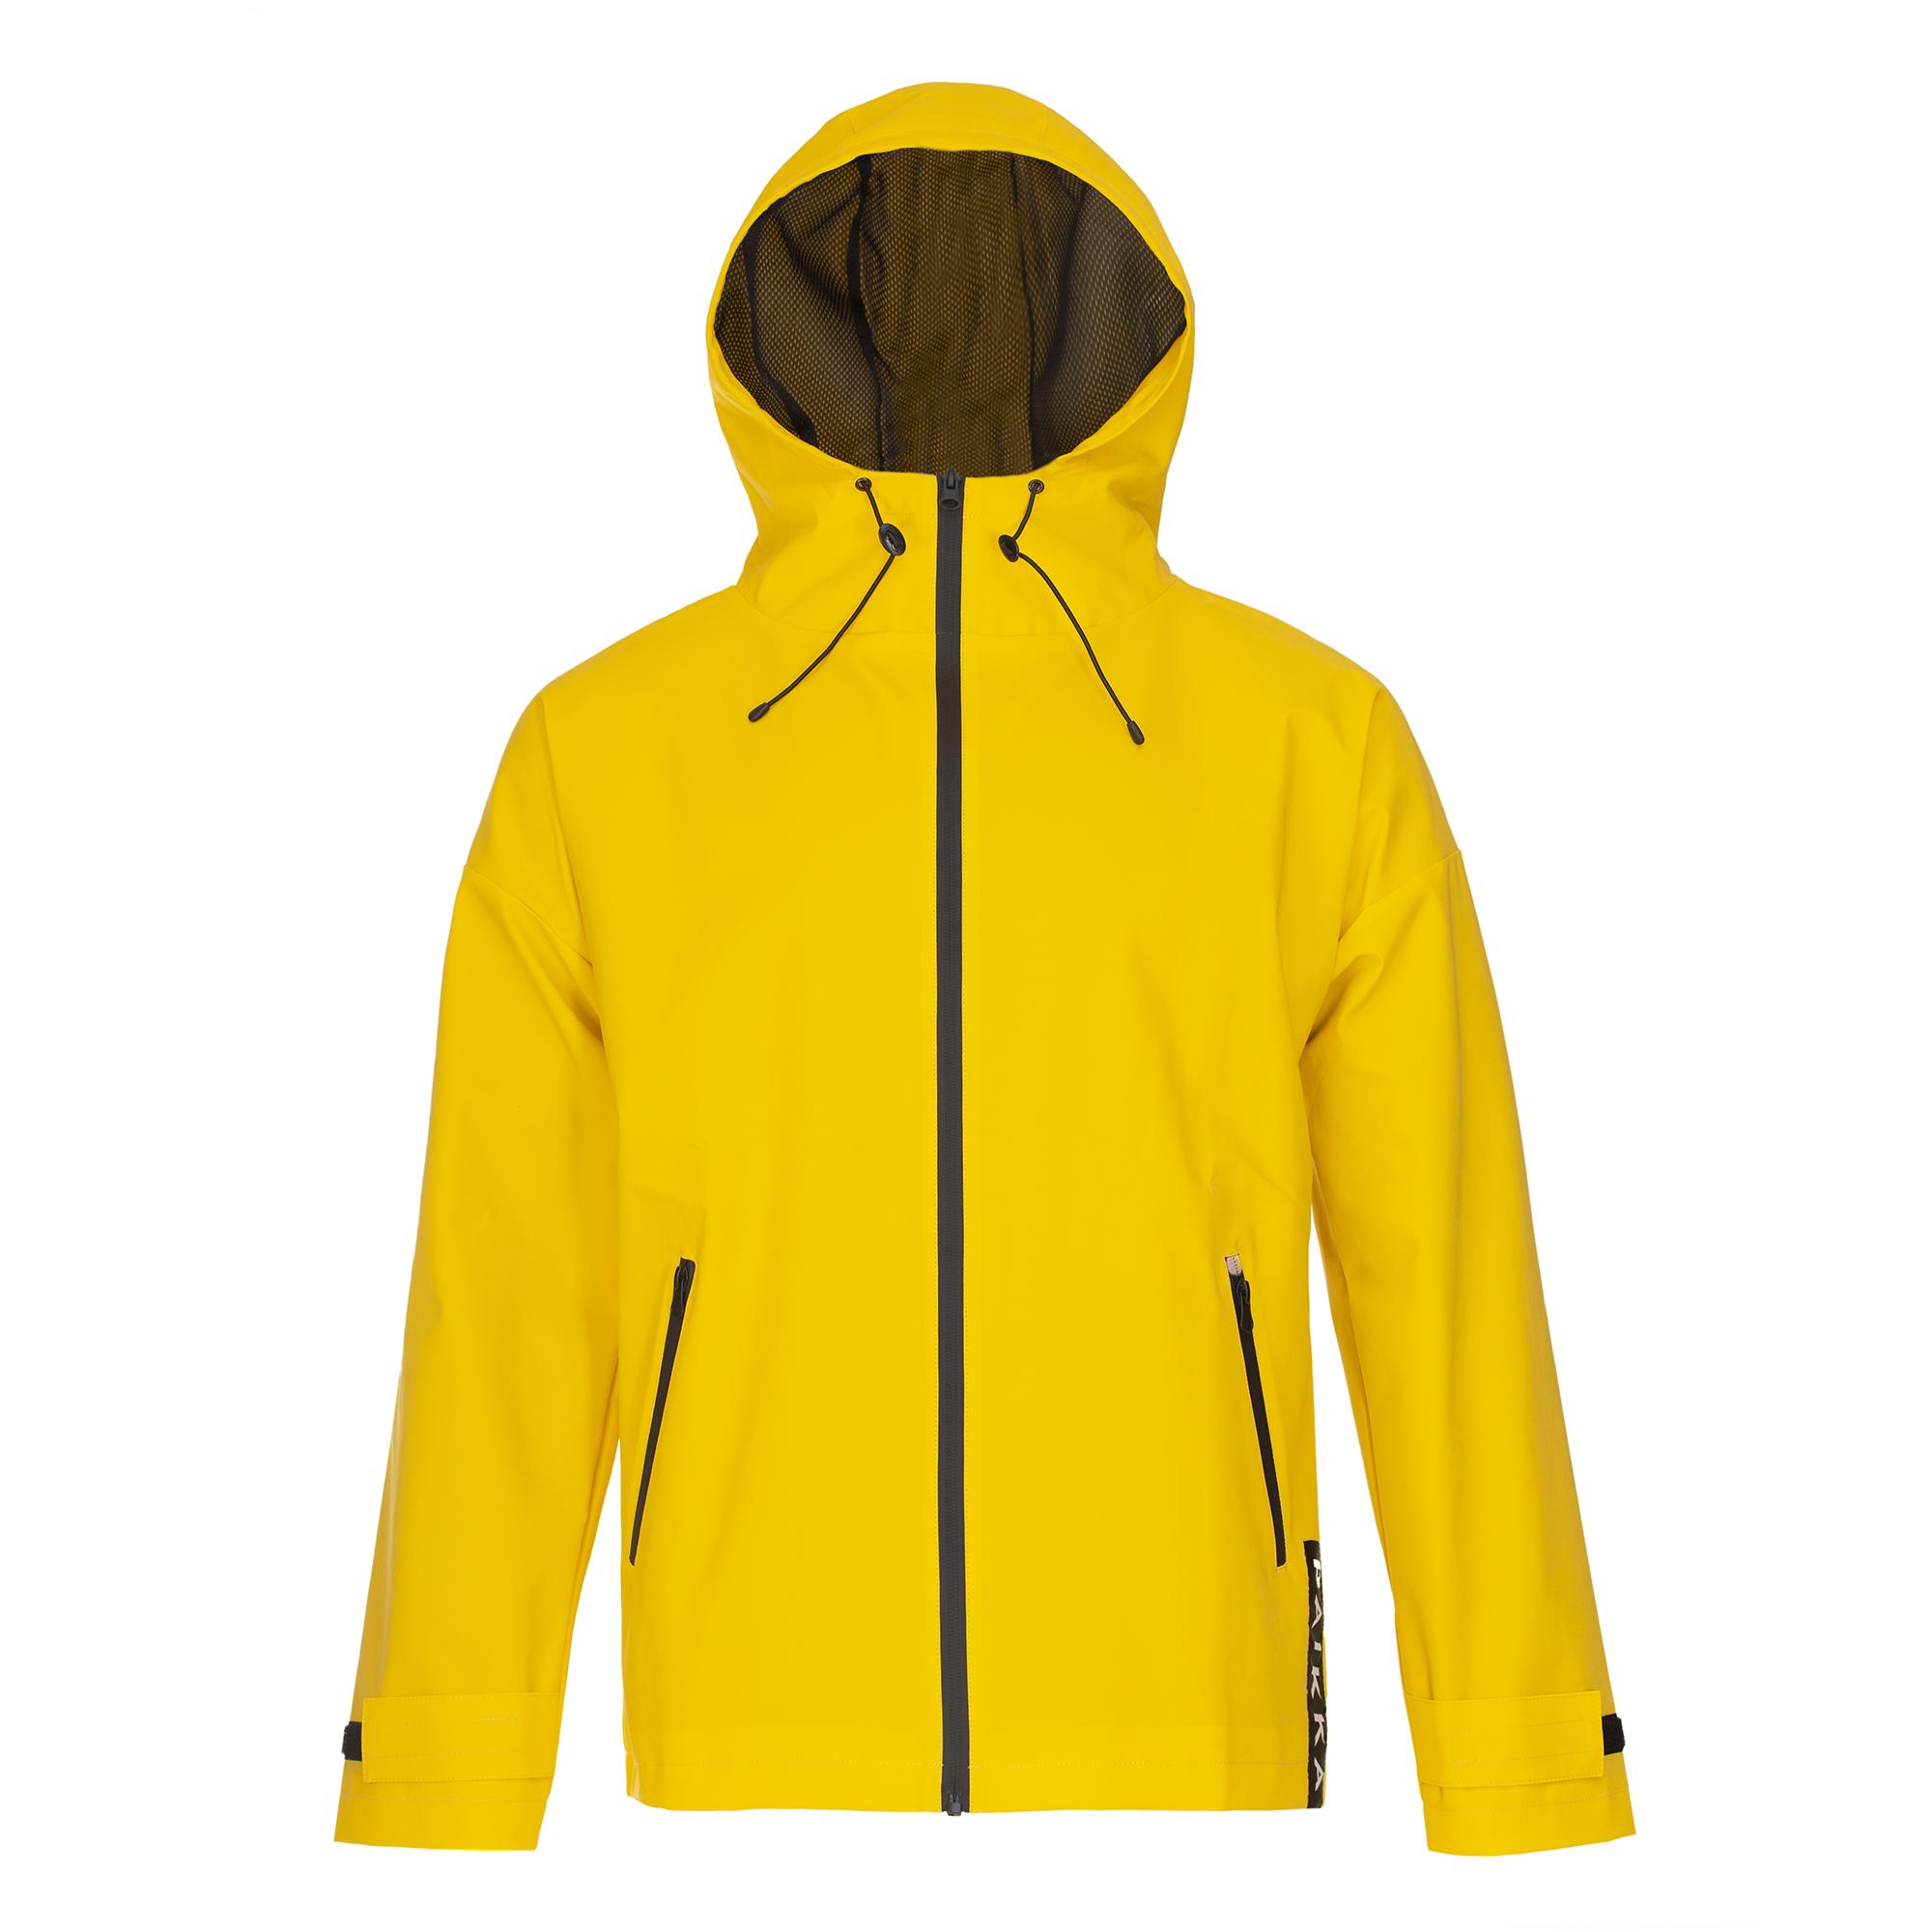 Reflekterande Regnjacka till Husse - XS gul, S-M gul, L-XL gul